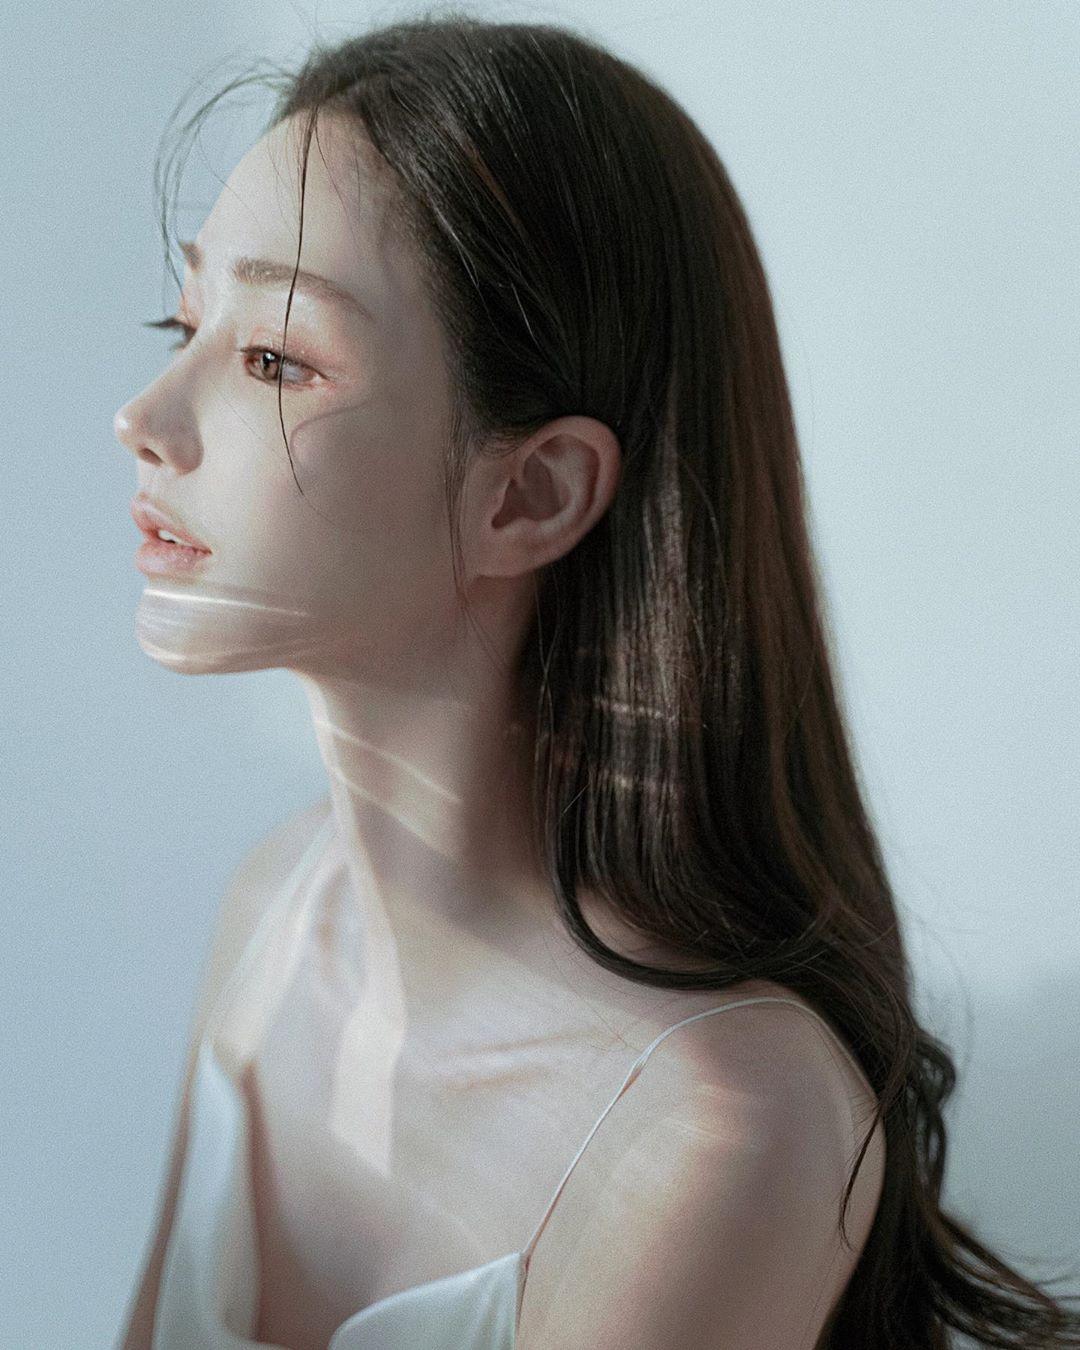 體態超完美白嫩美肌 唯美成熟風挑逗網友視覺神經 - 亞洲美女 -